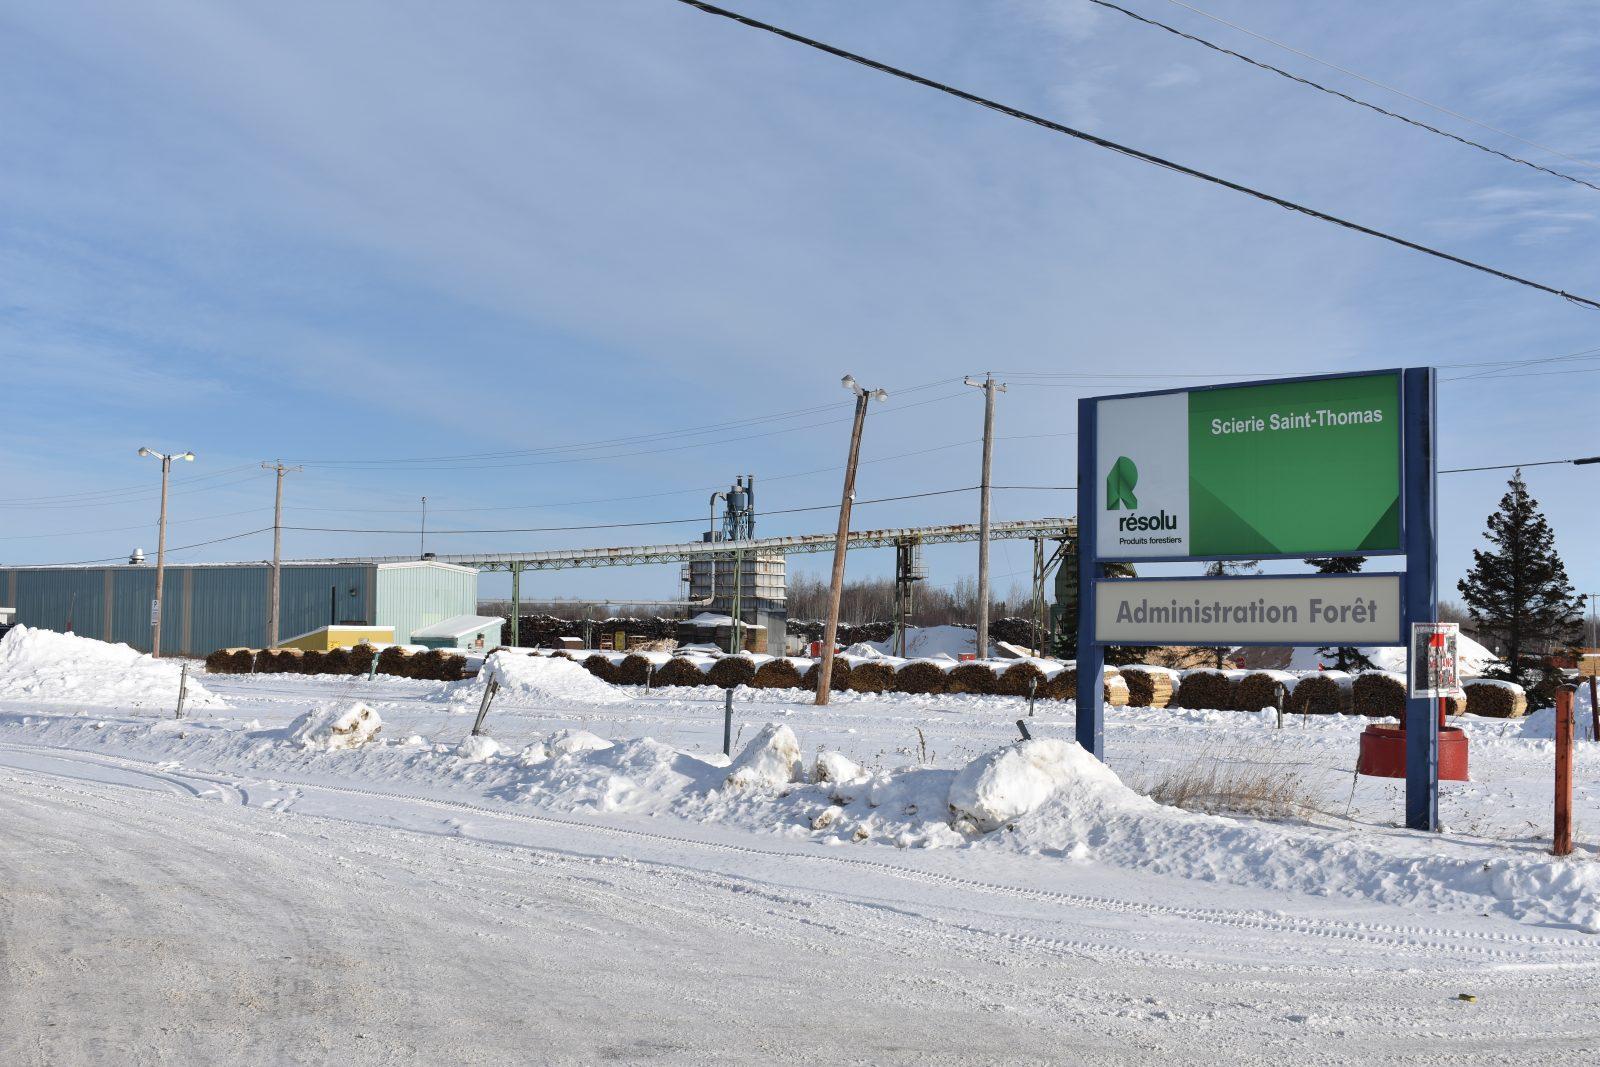 1 250 000 heures de travail sans blessure à l'usine Saint-Thomas